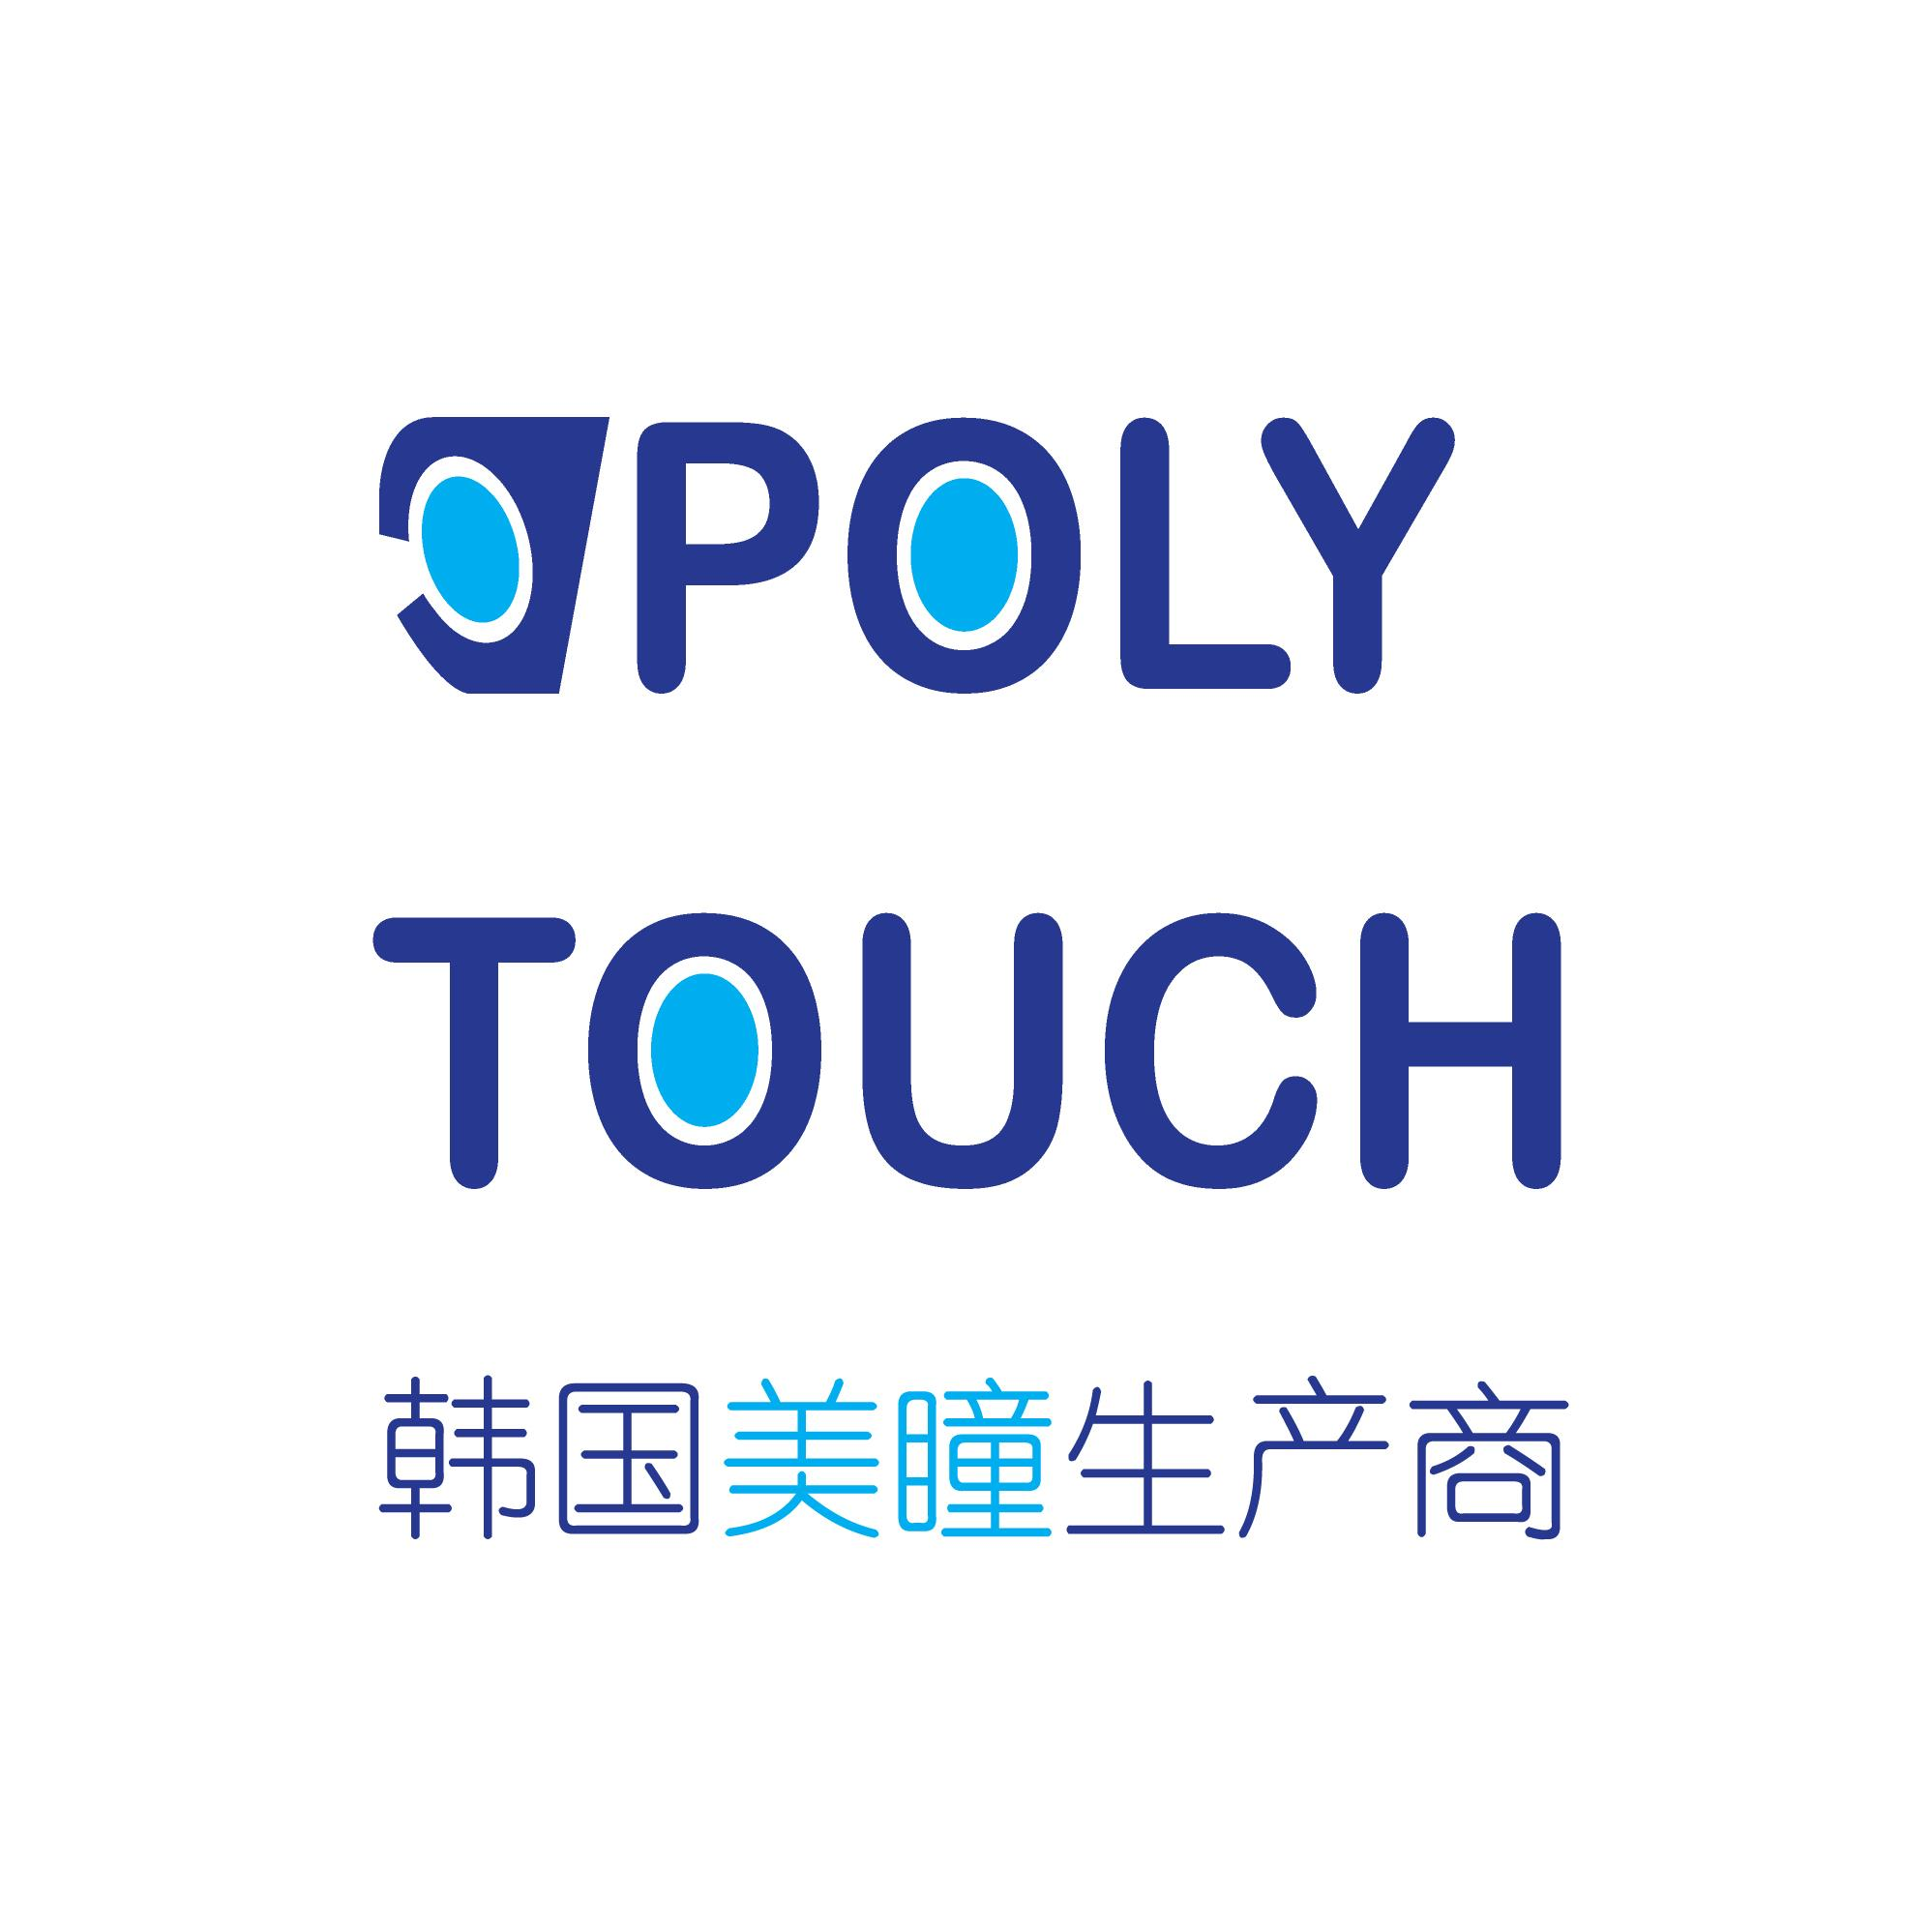 POLYTOUCH韩国专业美瞳隐形眼镜定制生产工厂招商